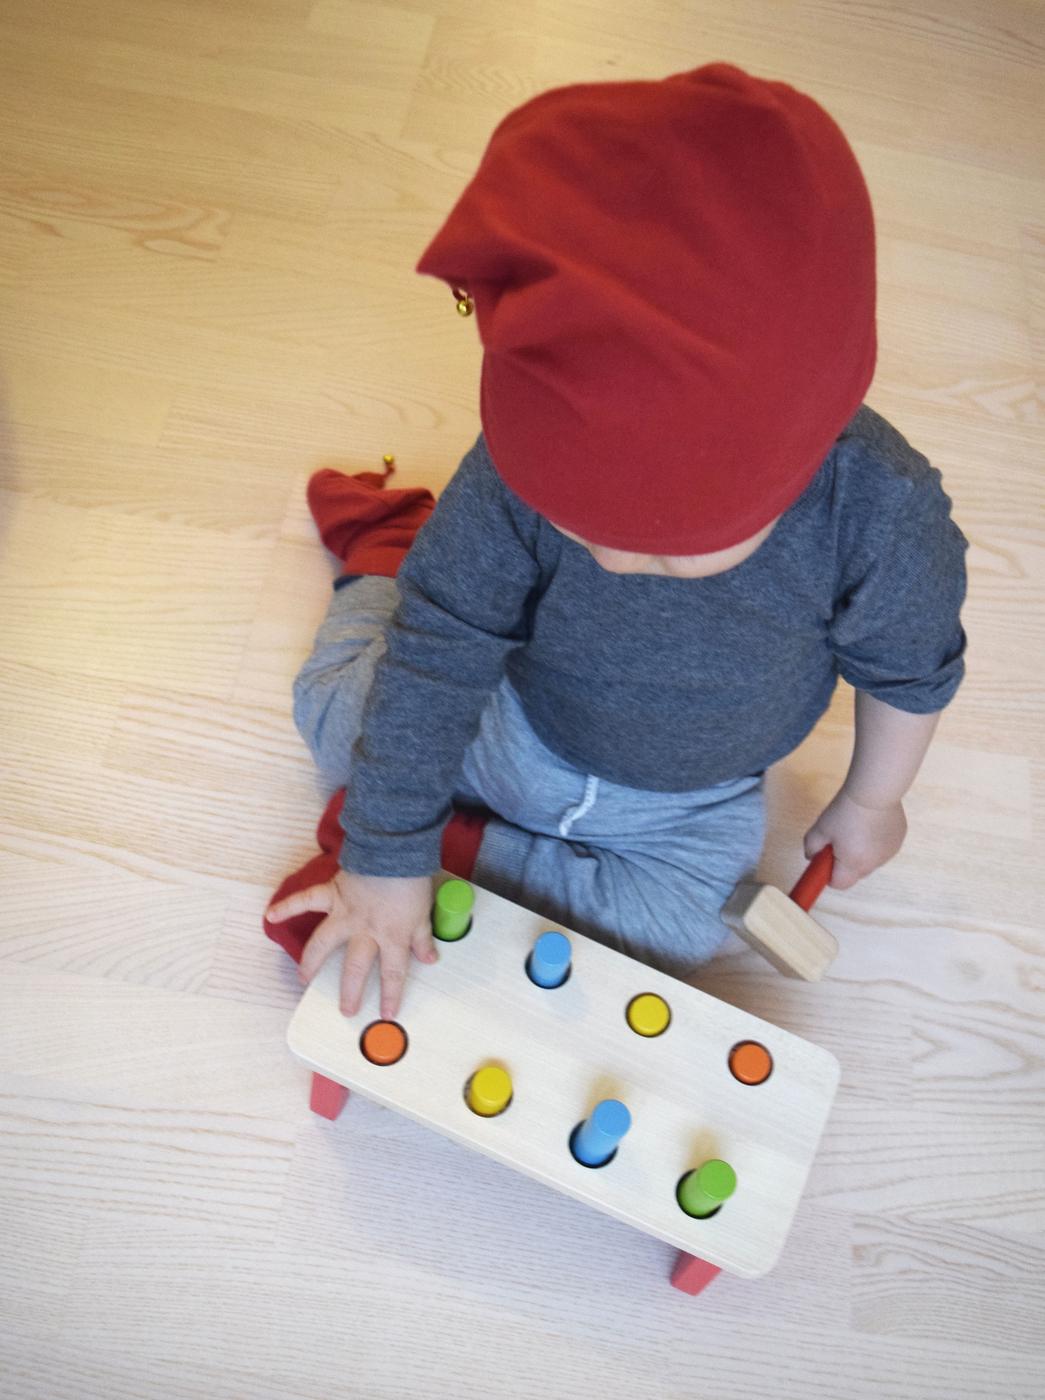 vauva leikkii3.jpg